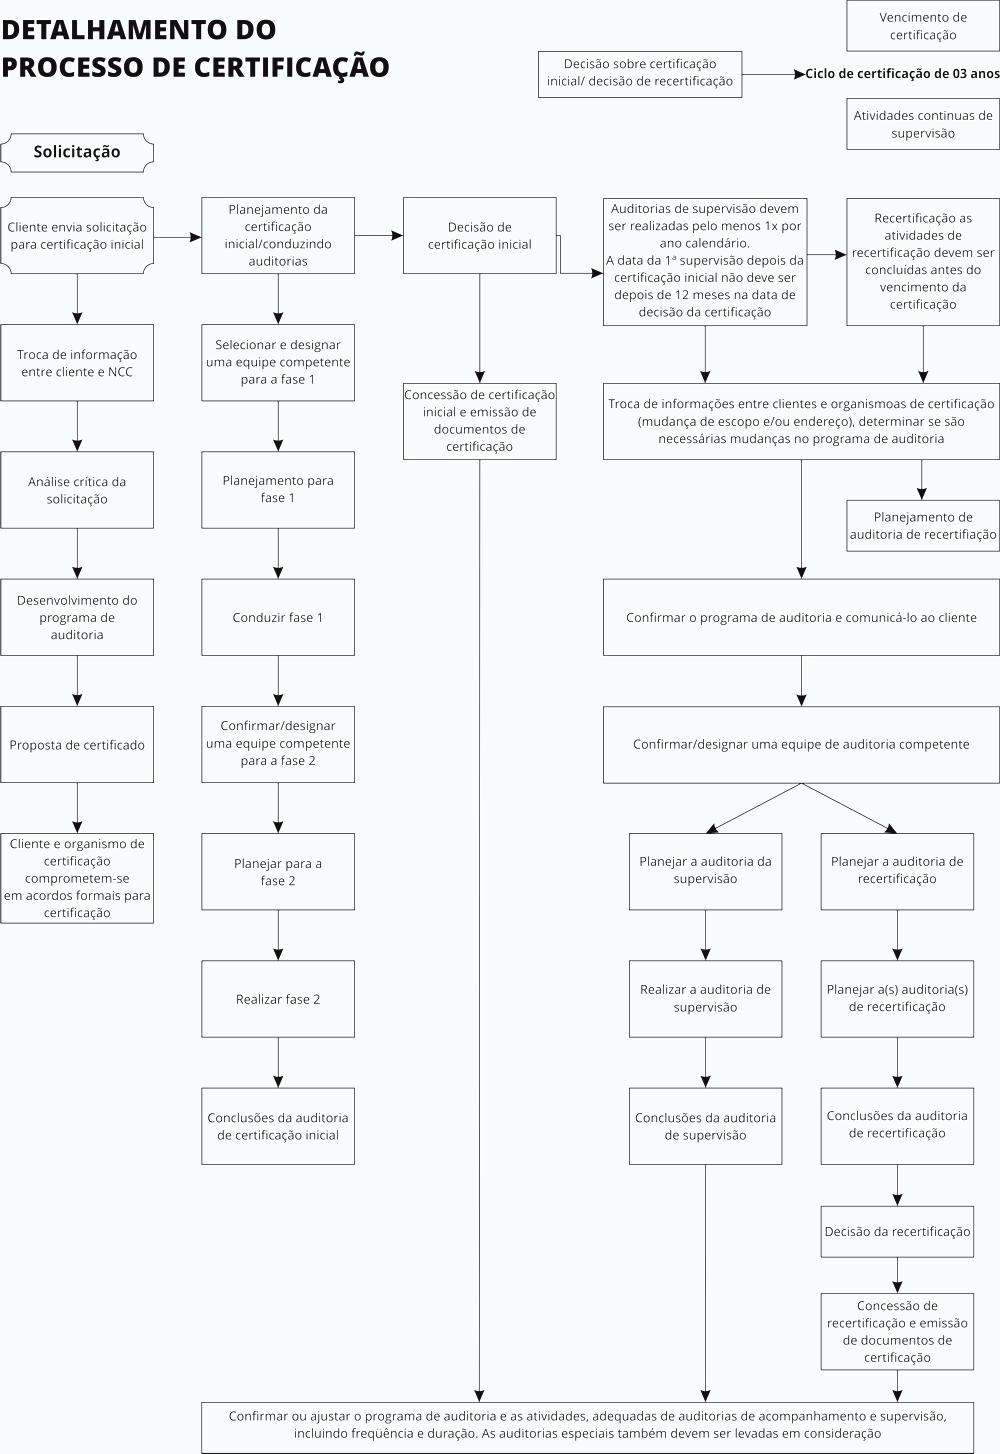 Detalhamento do Processo de Certificação